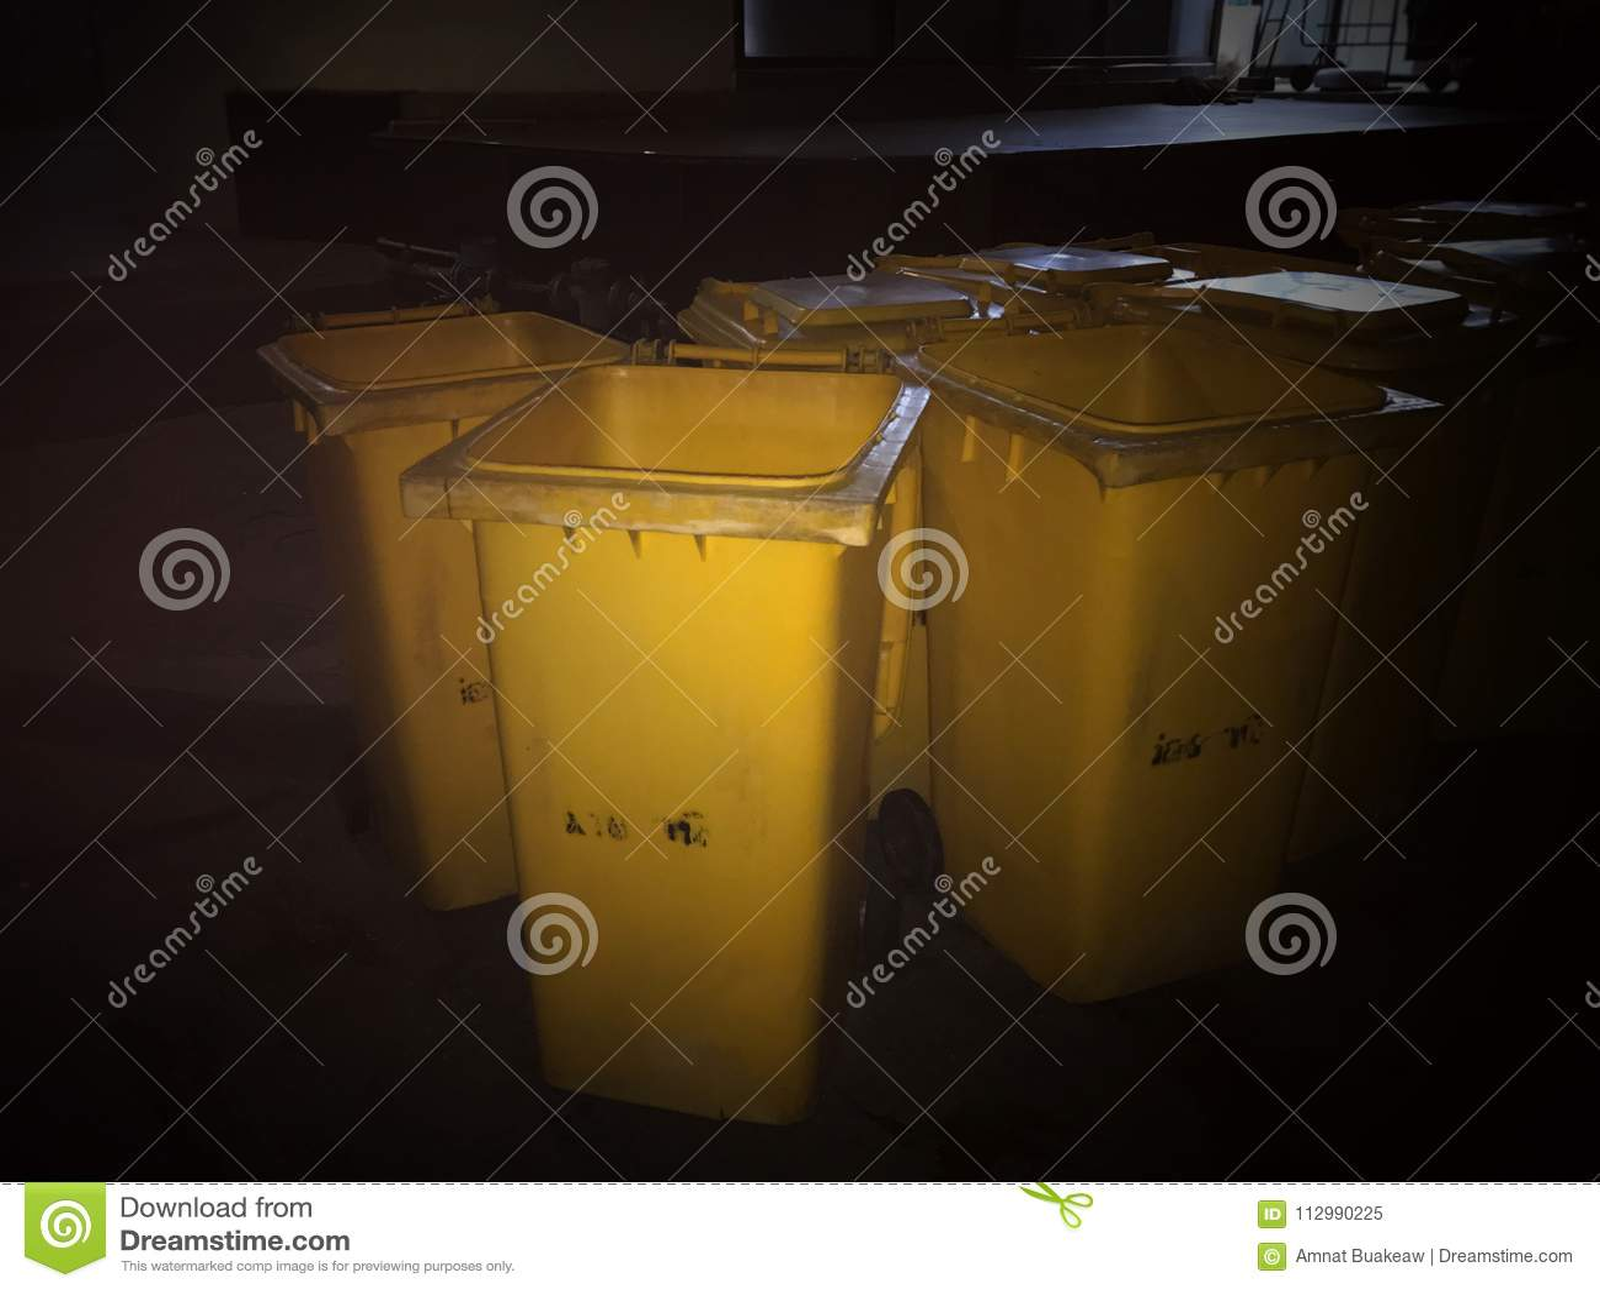 Garbage bin Yellow plastic bin trash at night time